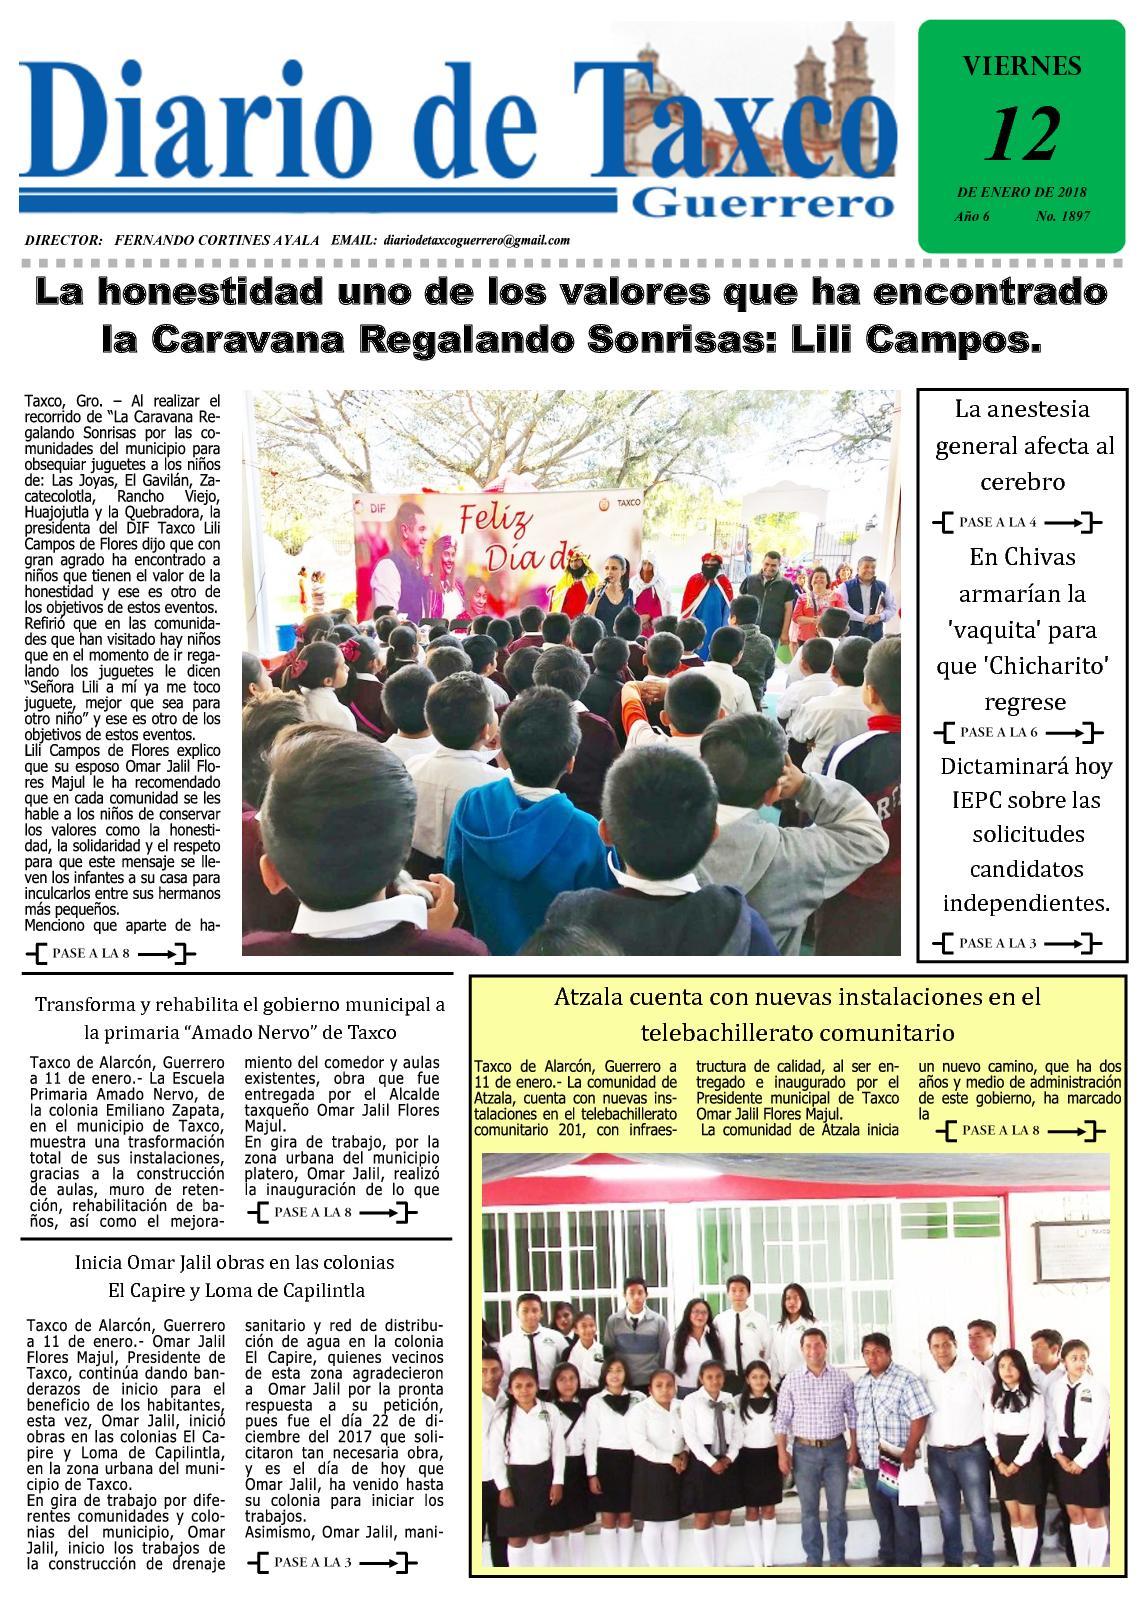 Diario De Taxco 12 1 18 (1)